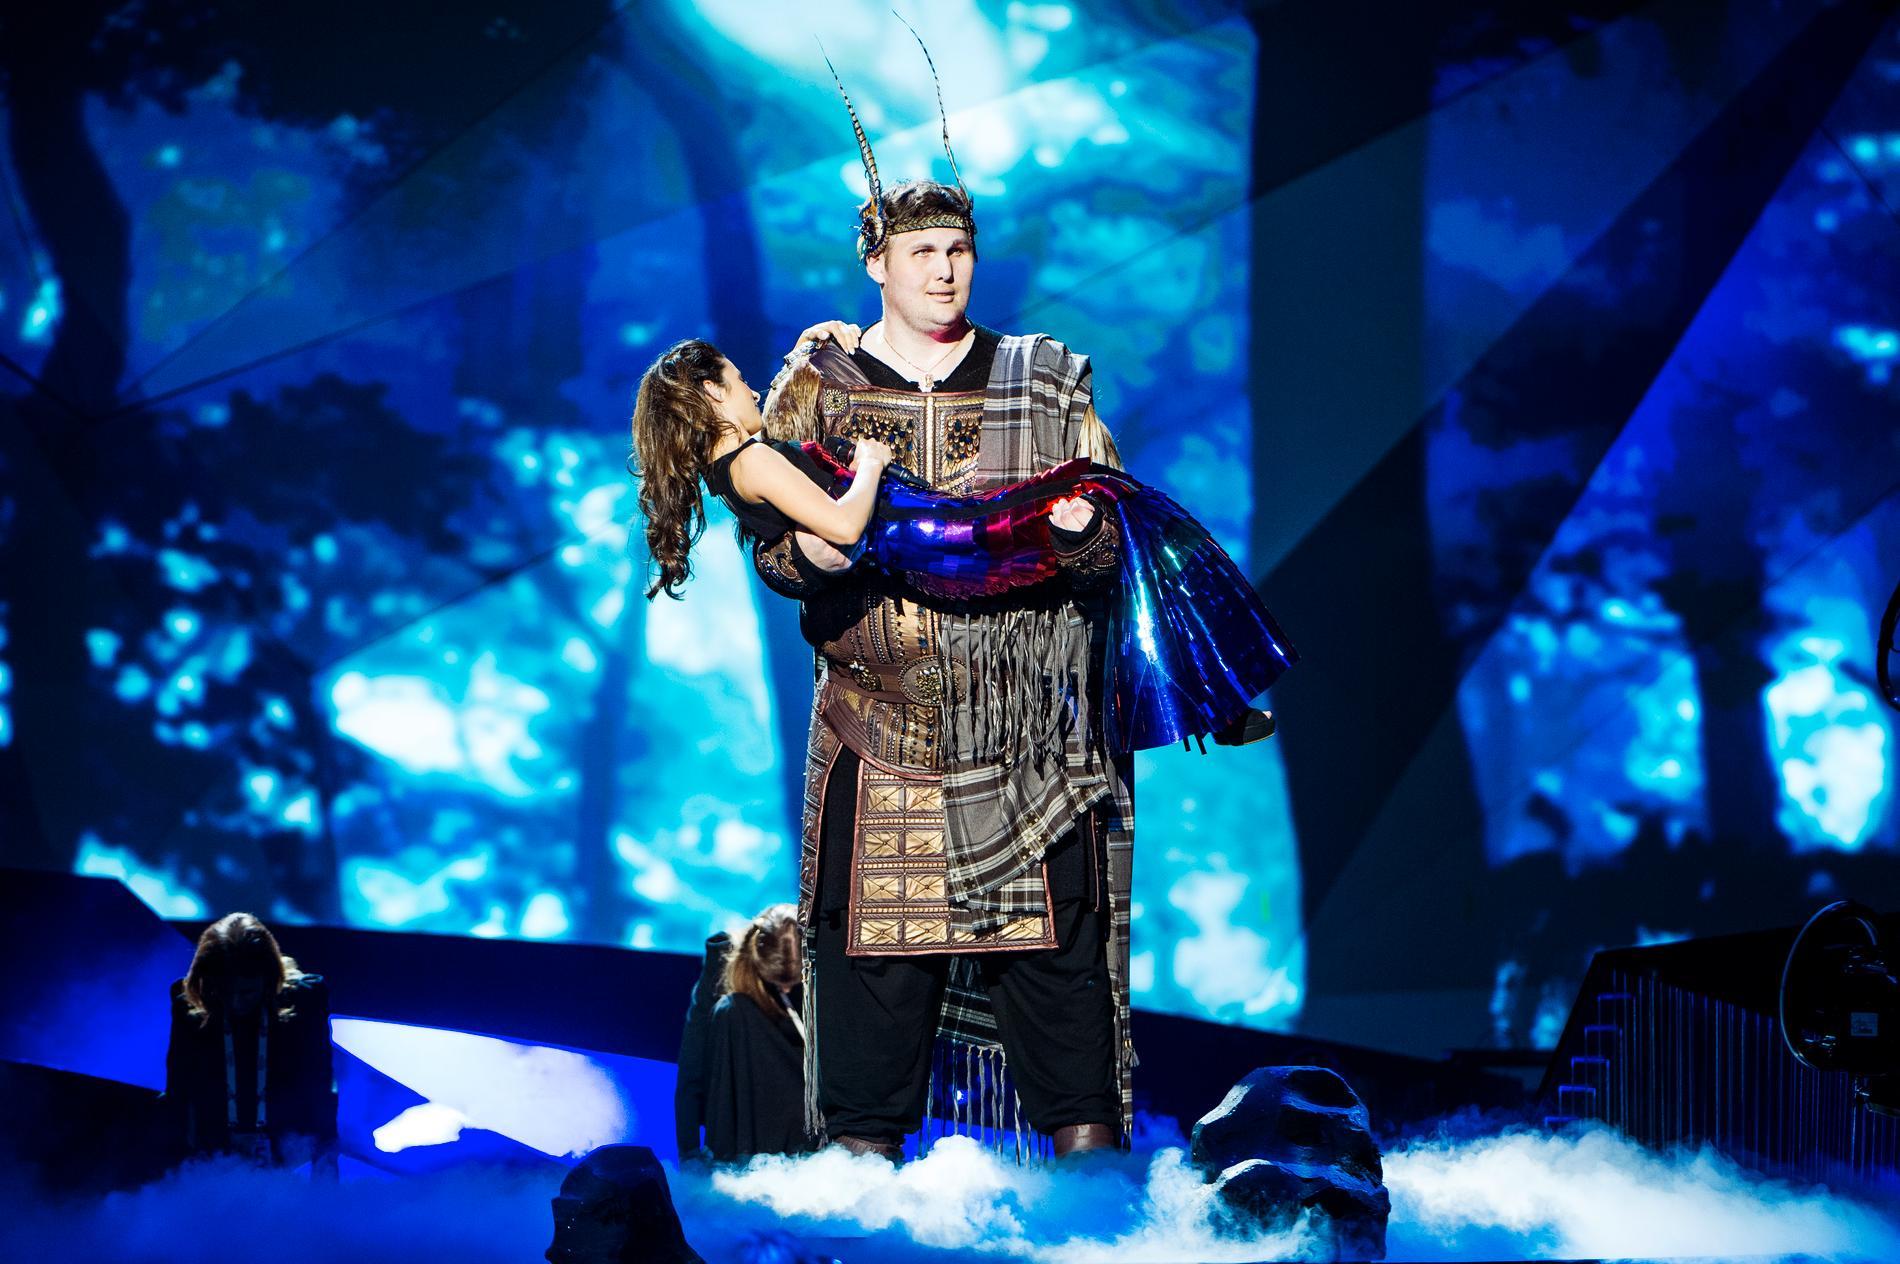 Igor Vovkovinskiy väckte uppmärksamhet under Eurovision song contest i Malmö 2013 när han bar in Ukrainas artist Zlata Ognevich på scenen.